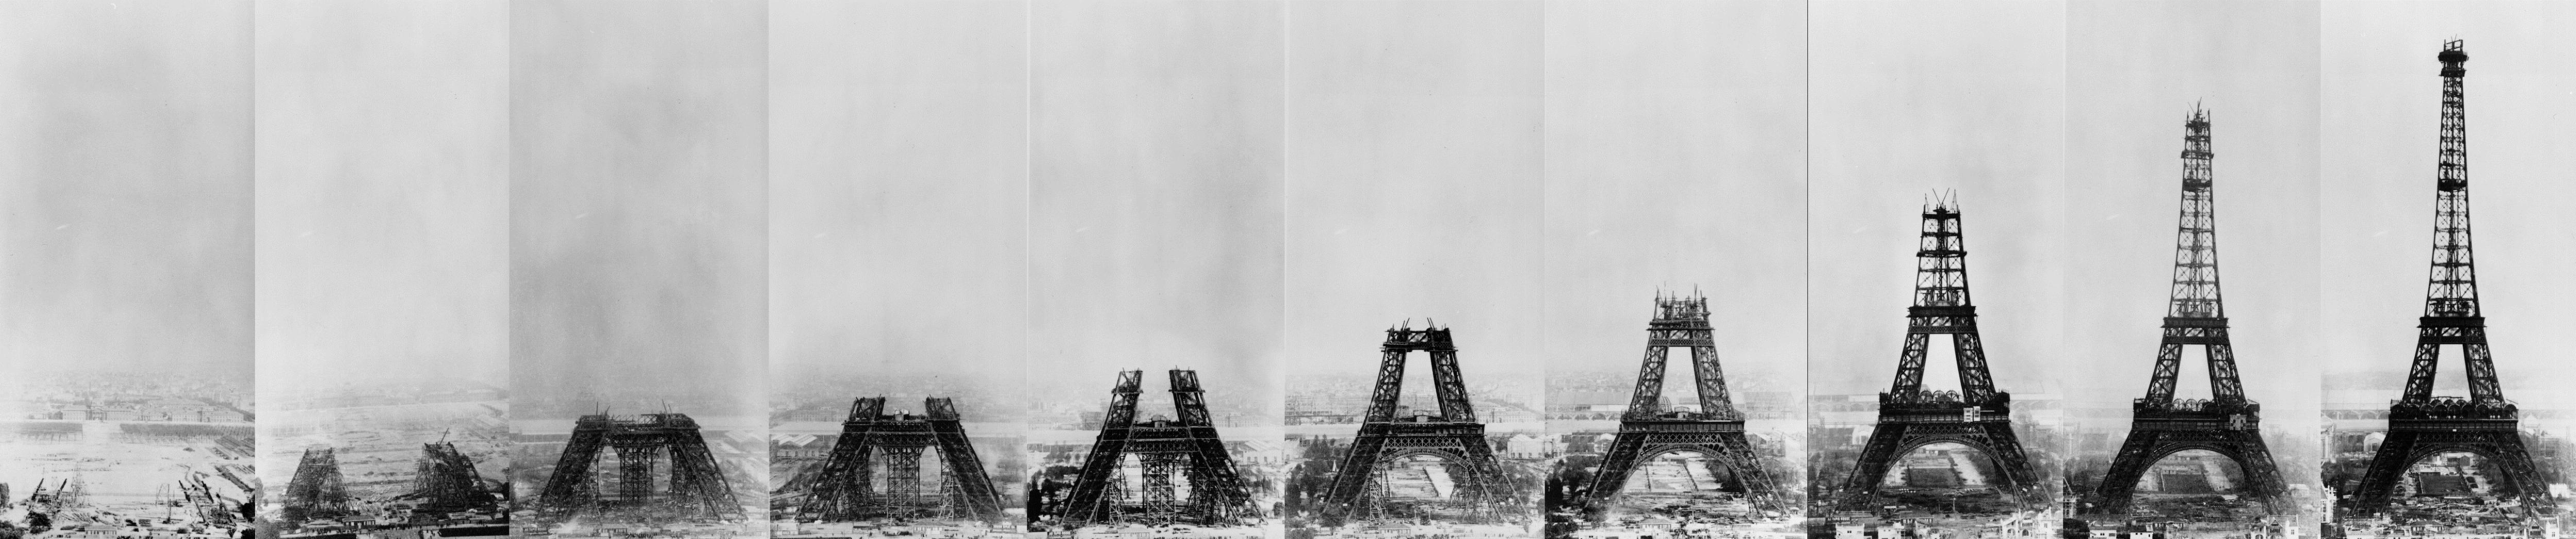 Возведение Эйфелевой башни